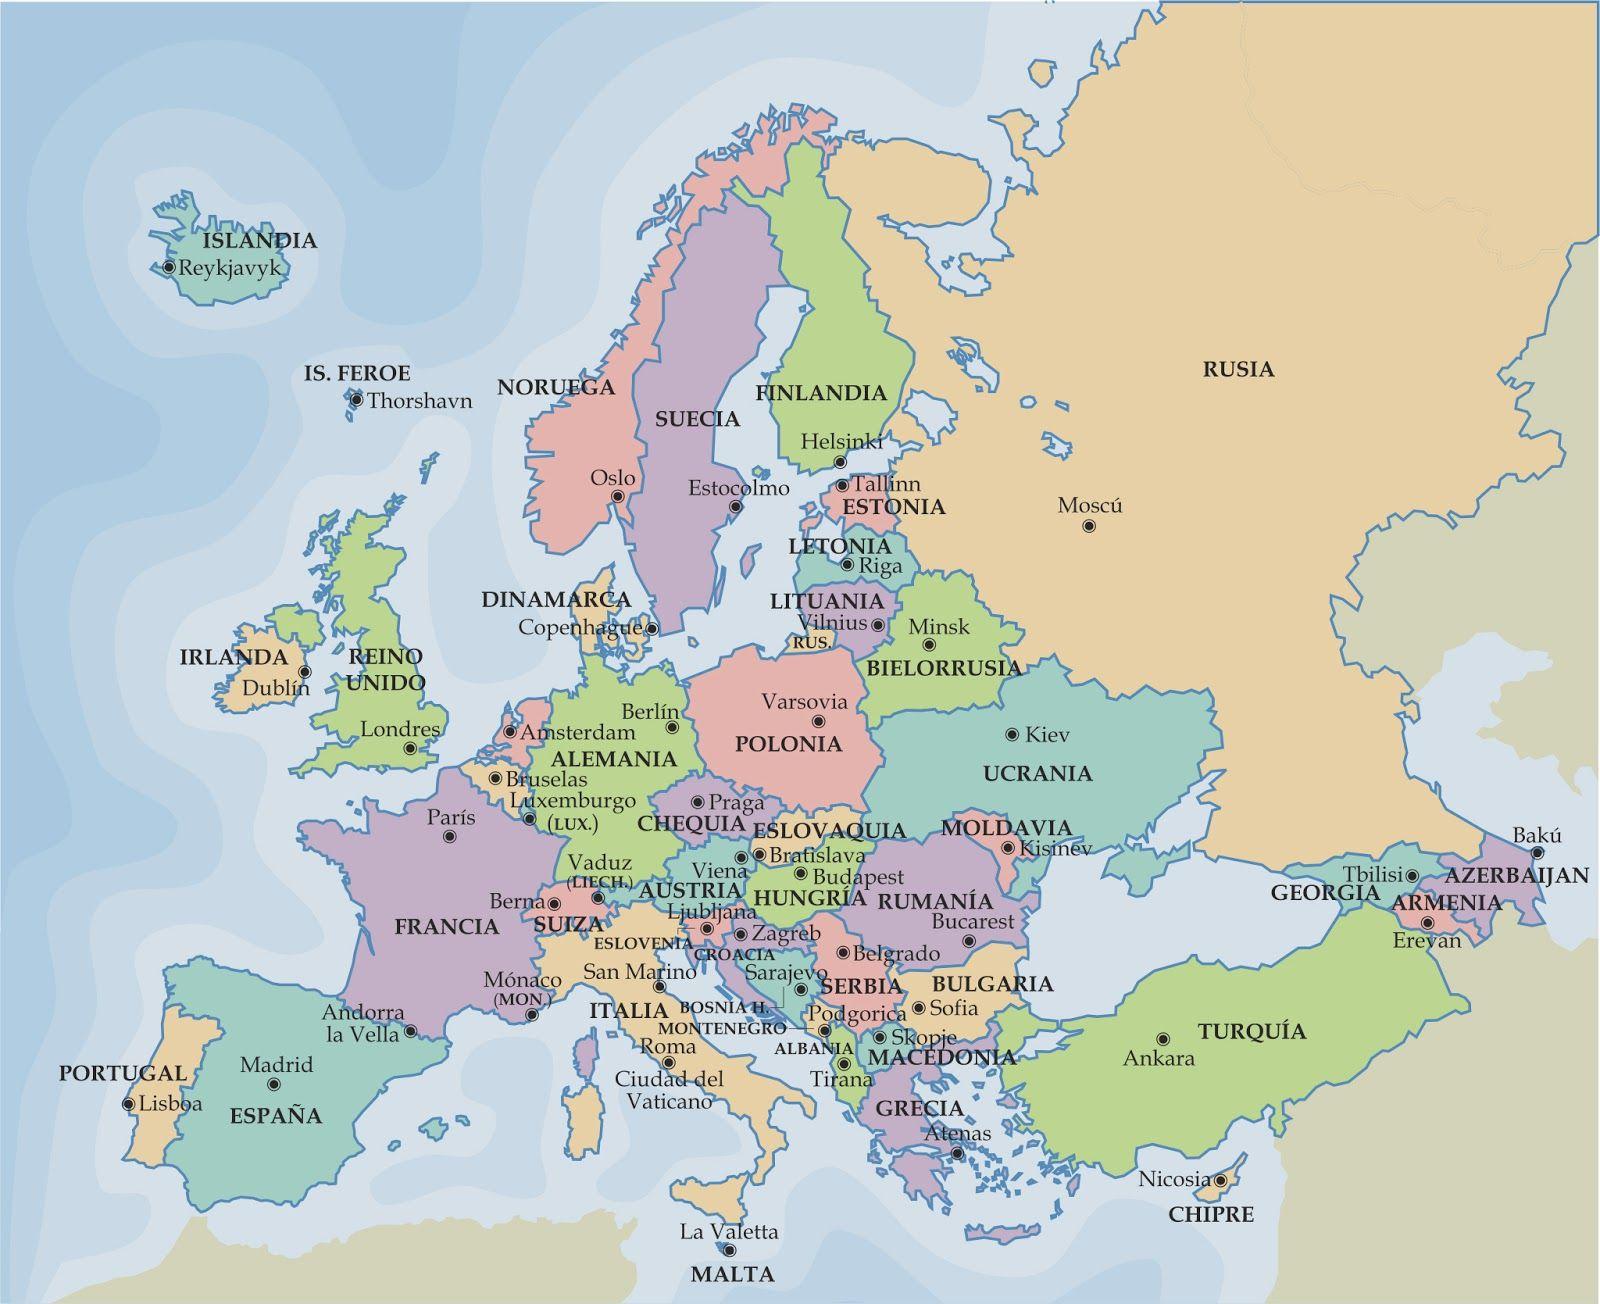 175264 Jpg 1 Jpg 1600 1304 Mapa Politico De Europa Mapa De